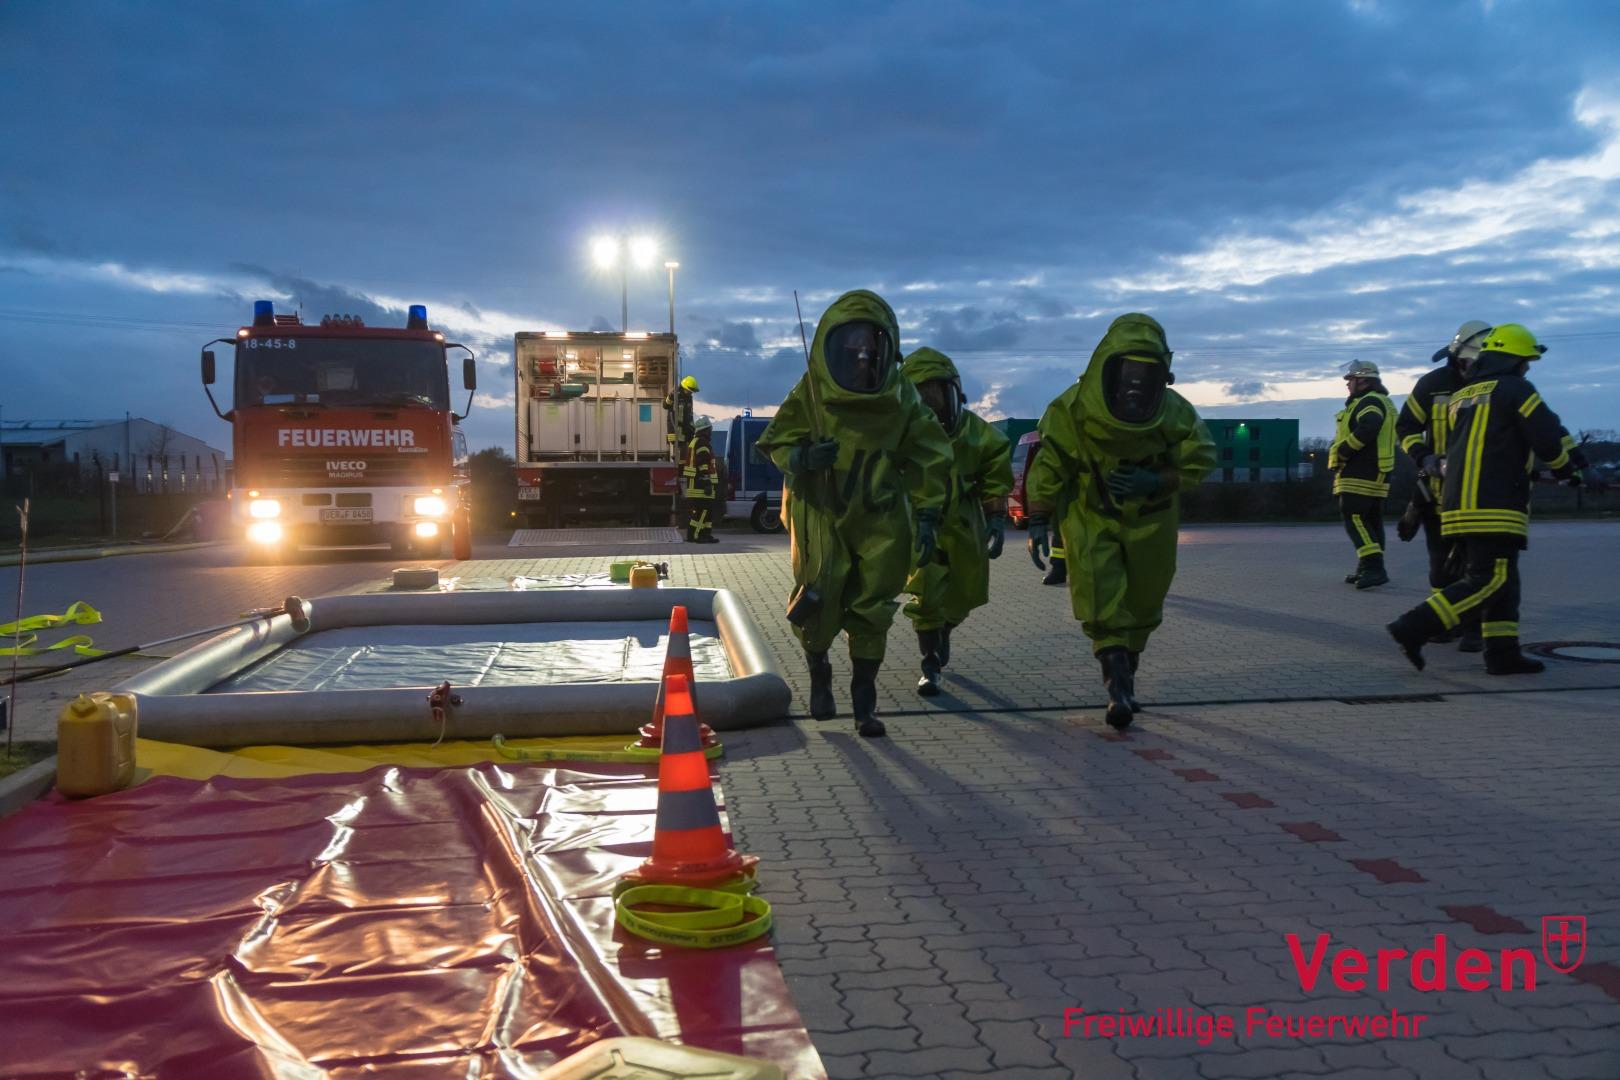 Einsatzkräfte in Chemikalienschutzanzügen neben der Dekontaminationsstrecke.